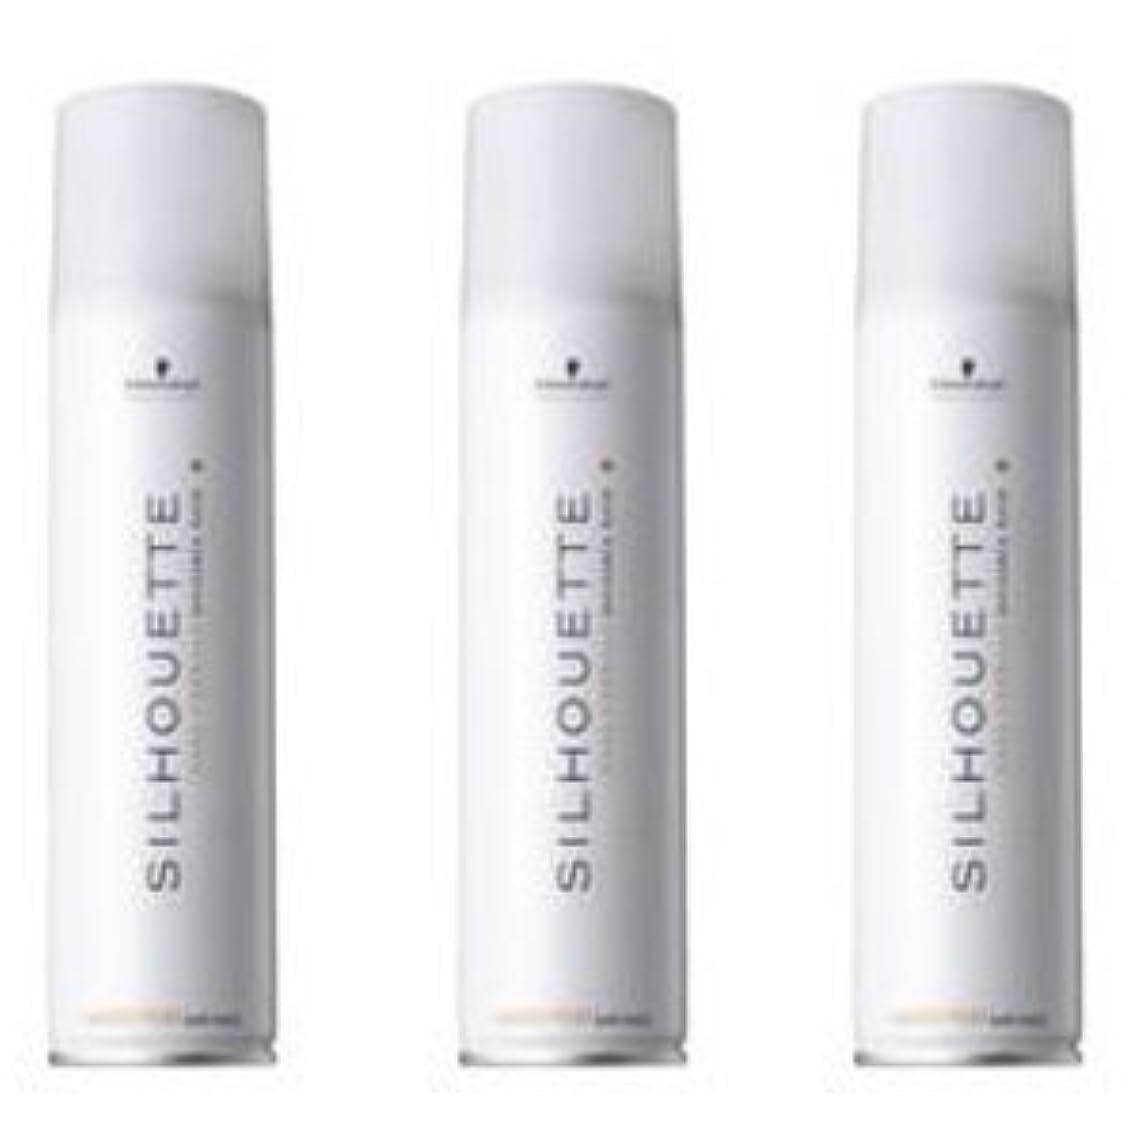 【x3個セット】 シュワルツコフ シルエット/SILHOUETTE ソフトスプレー 295ml